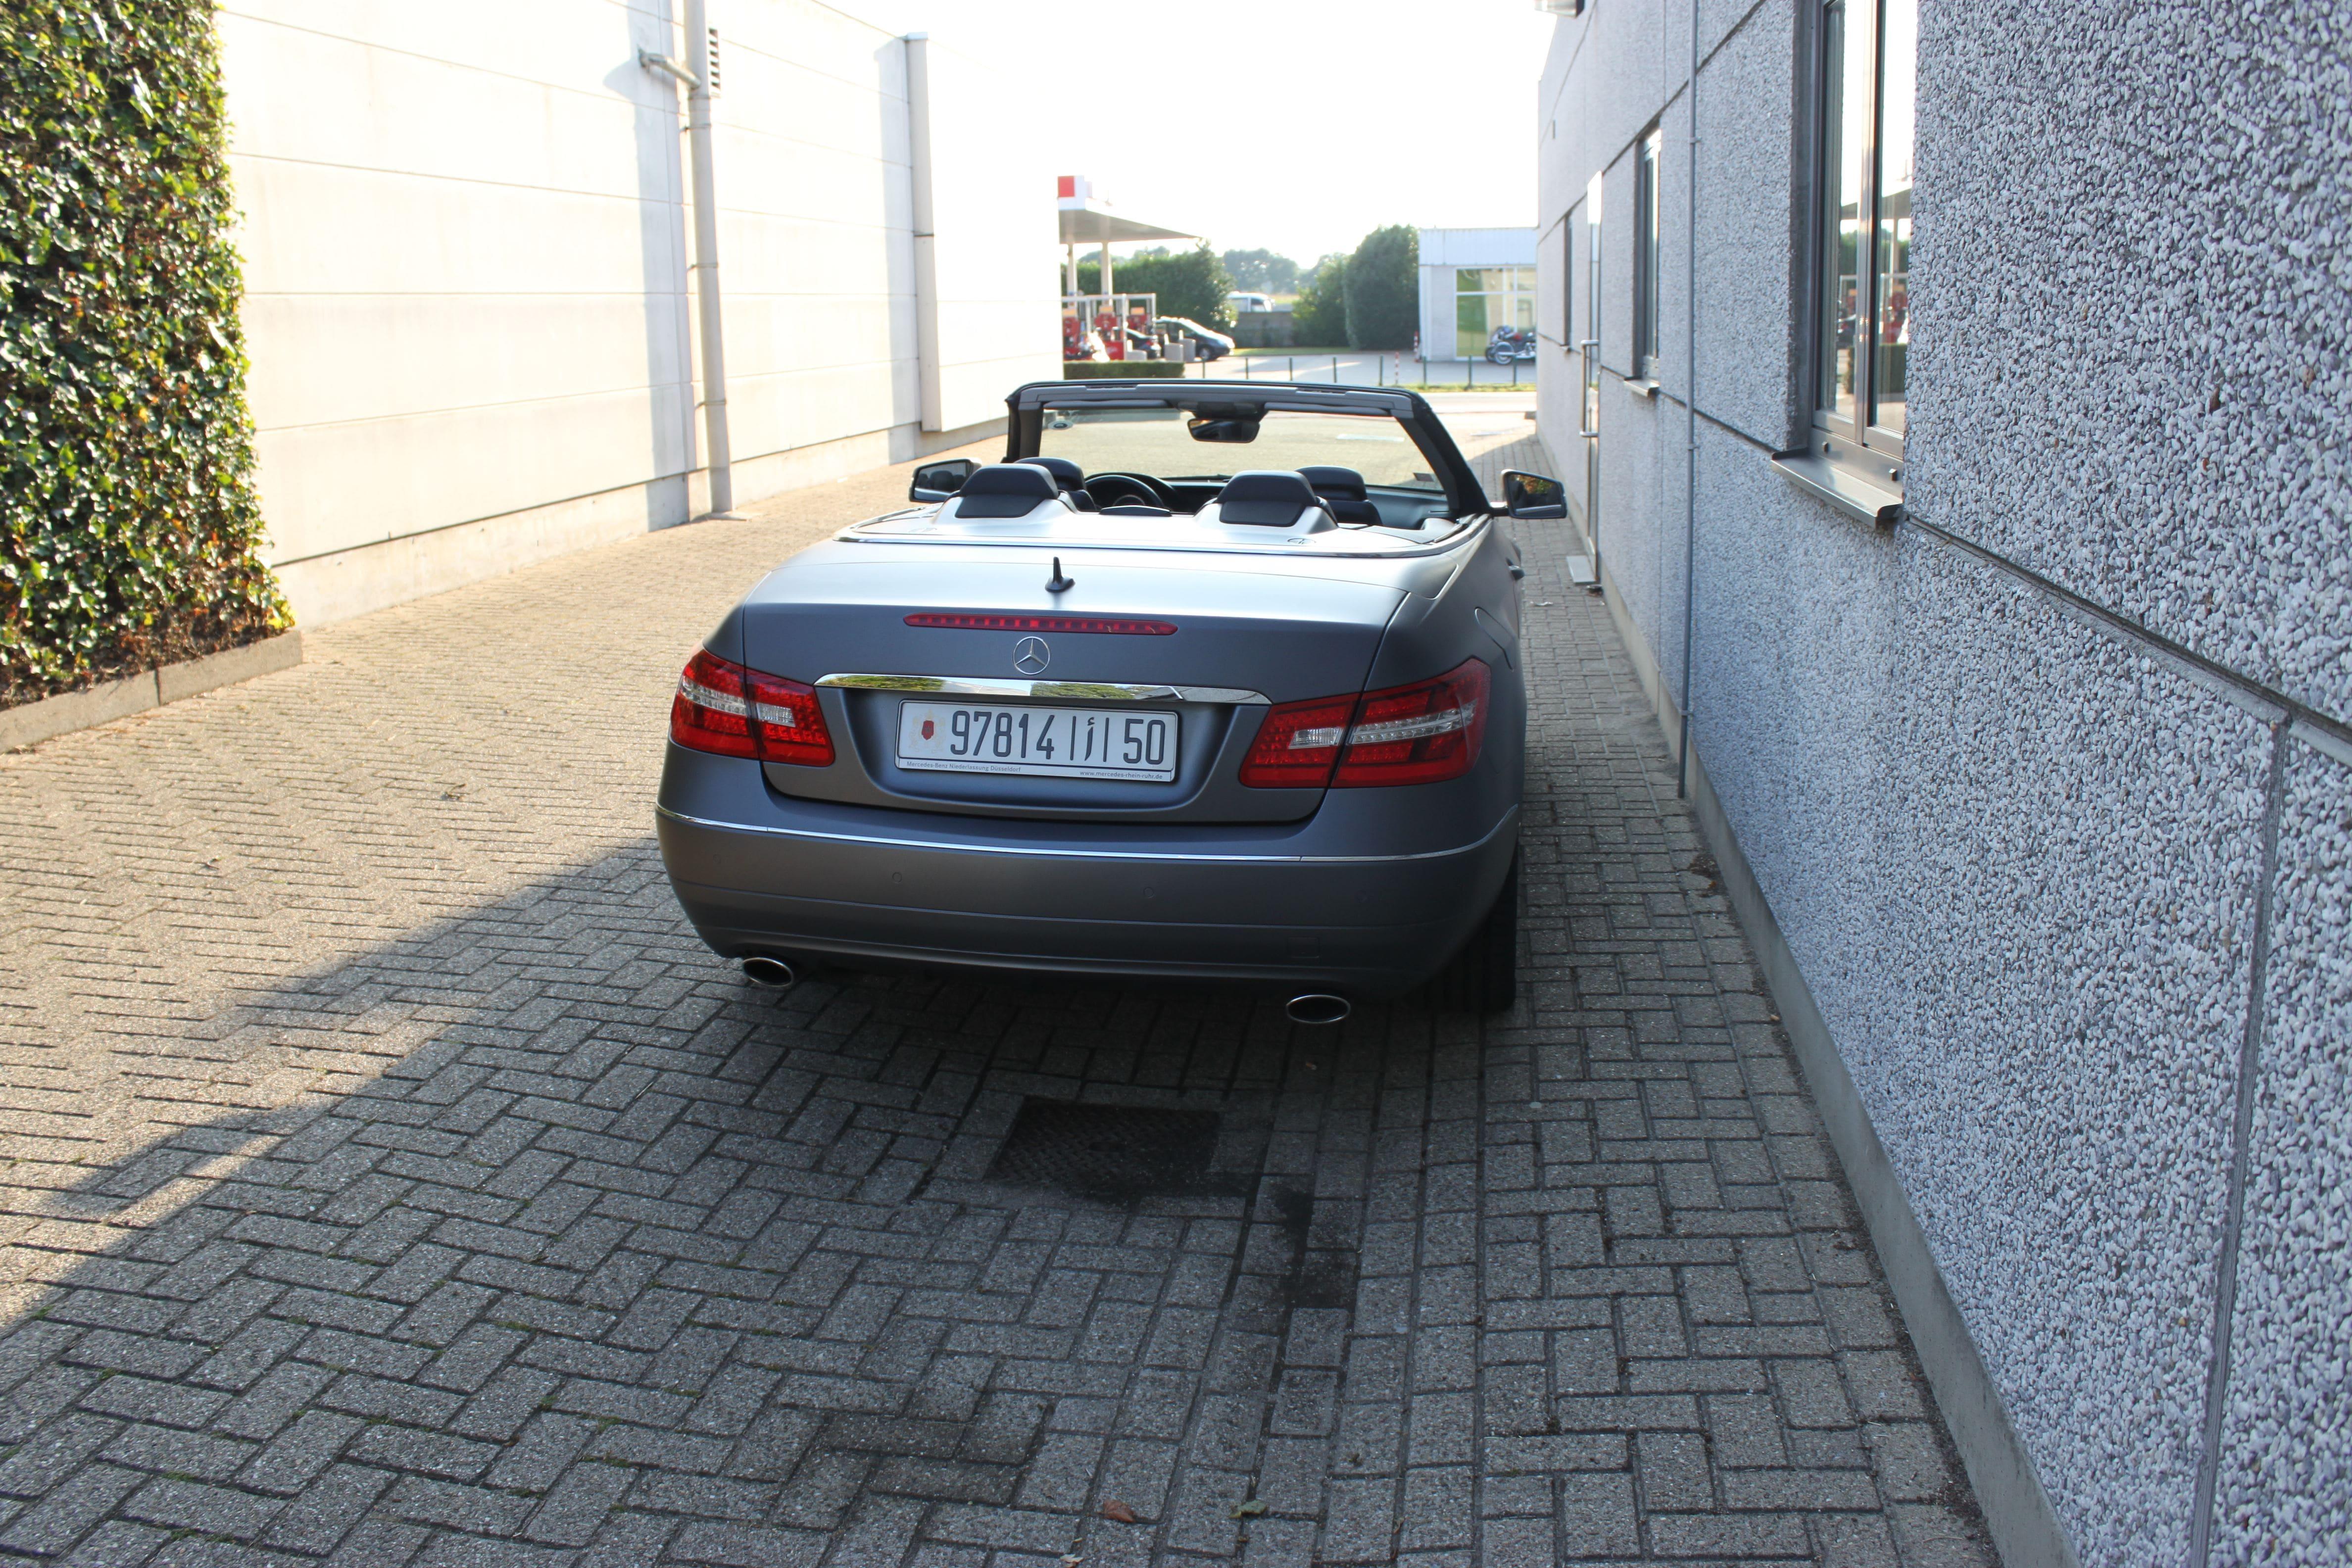 Mercedes E-Klasse Cabrio met Gunpowder Wrap, Carwrapping door Wrapmyride.nu Foto-nr:6266, ©2020